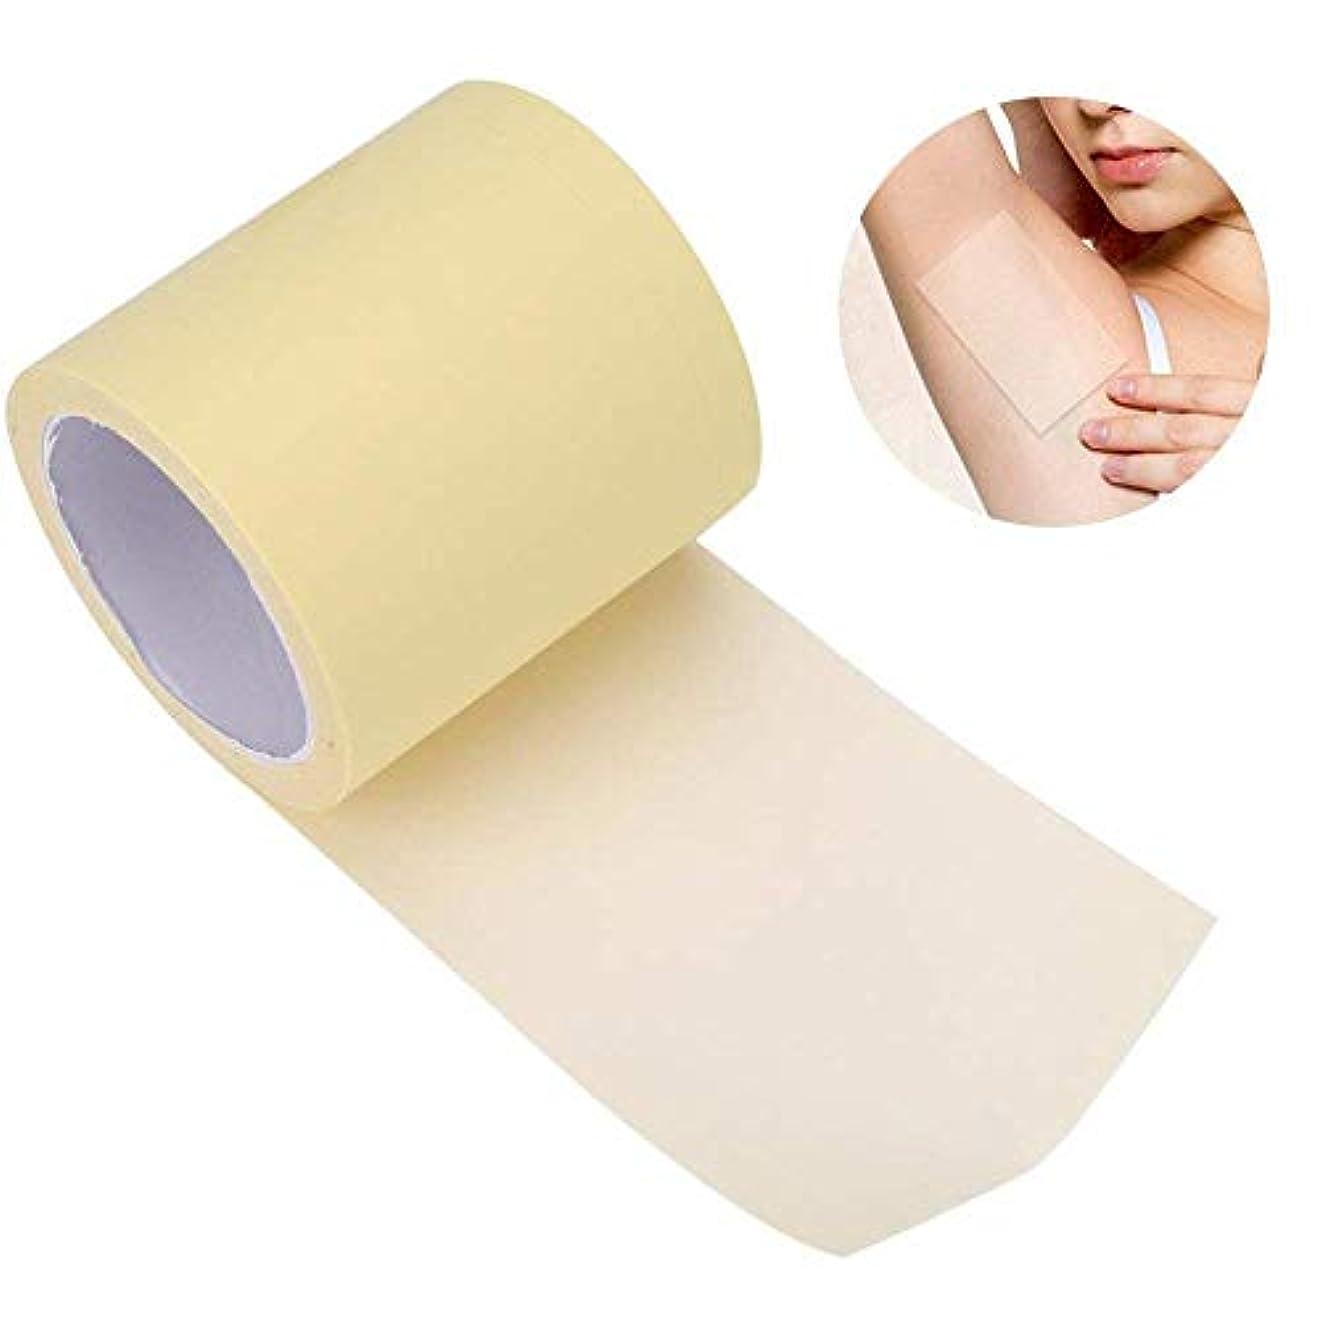 変化するダイアクリティカル害虫脇の下汗パッド 汗止めパッド 皮膚に優しい 脇の汗染み防止 抗菌加工 皮膚に優しい 男性/女性対応 透明 全長6m 脇の下